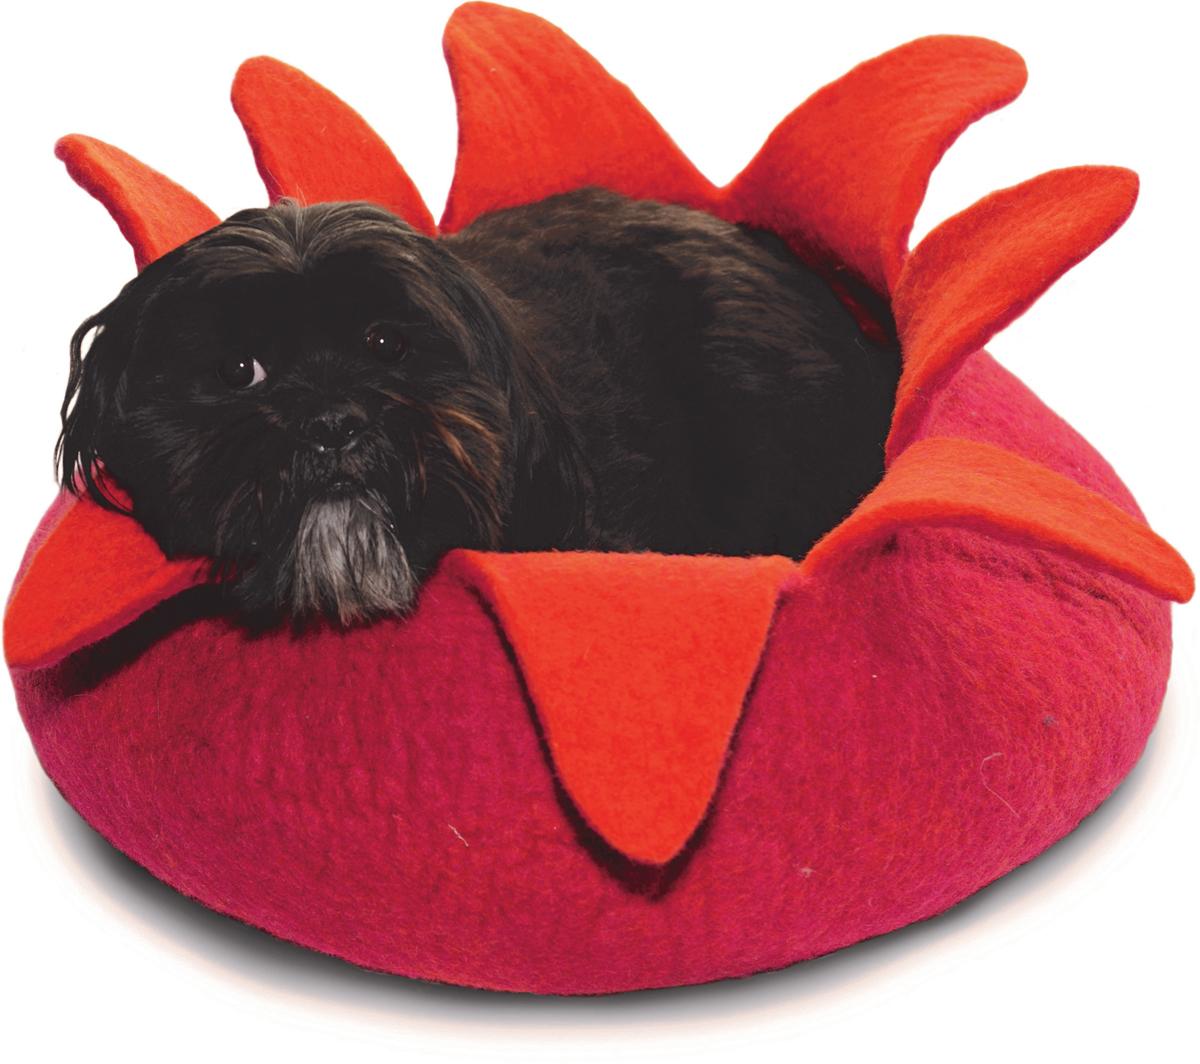 Корзина для животных Dharma Dog Karma Cat Лепестки, цвет: розовый, оранжевый, диаметр 14 дюймов203021Домик бренда Dharma Dog Karma Cat идеально подойдет к любому интерьеру!Благодаря своей форме, они обеспечивают безопасное и теплое убежище, и помогают питомцу чувствовать себя в безопасности. Гималайская шерсть, используемая при изготовлении домиков, не очищается химически, поэтому в ней содержится много ланолина. Ланолин - это натуральное масло, уникальное для шерсти овец, ведь его запах напоминает кошкам запах их матери. Масло ланолина полезно для подушечек лап и помогает сохранить шерсть здоровой и блестящей! Техника изготовления продукции бренда Dharma Dog Karma Cat называется «Мокрый войлок» - она включает в себя натуральное мыло, воду, шерсть и только натуральные нетоксичные красители. Все изделия изготавливаются вручную в Непале. Каждая покупка поддерживает труд ремесленников и их семьи, помогая сохранить традиции древнего ремесла. Инструкция по уходу прилагается к каждому изделию.